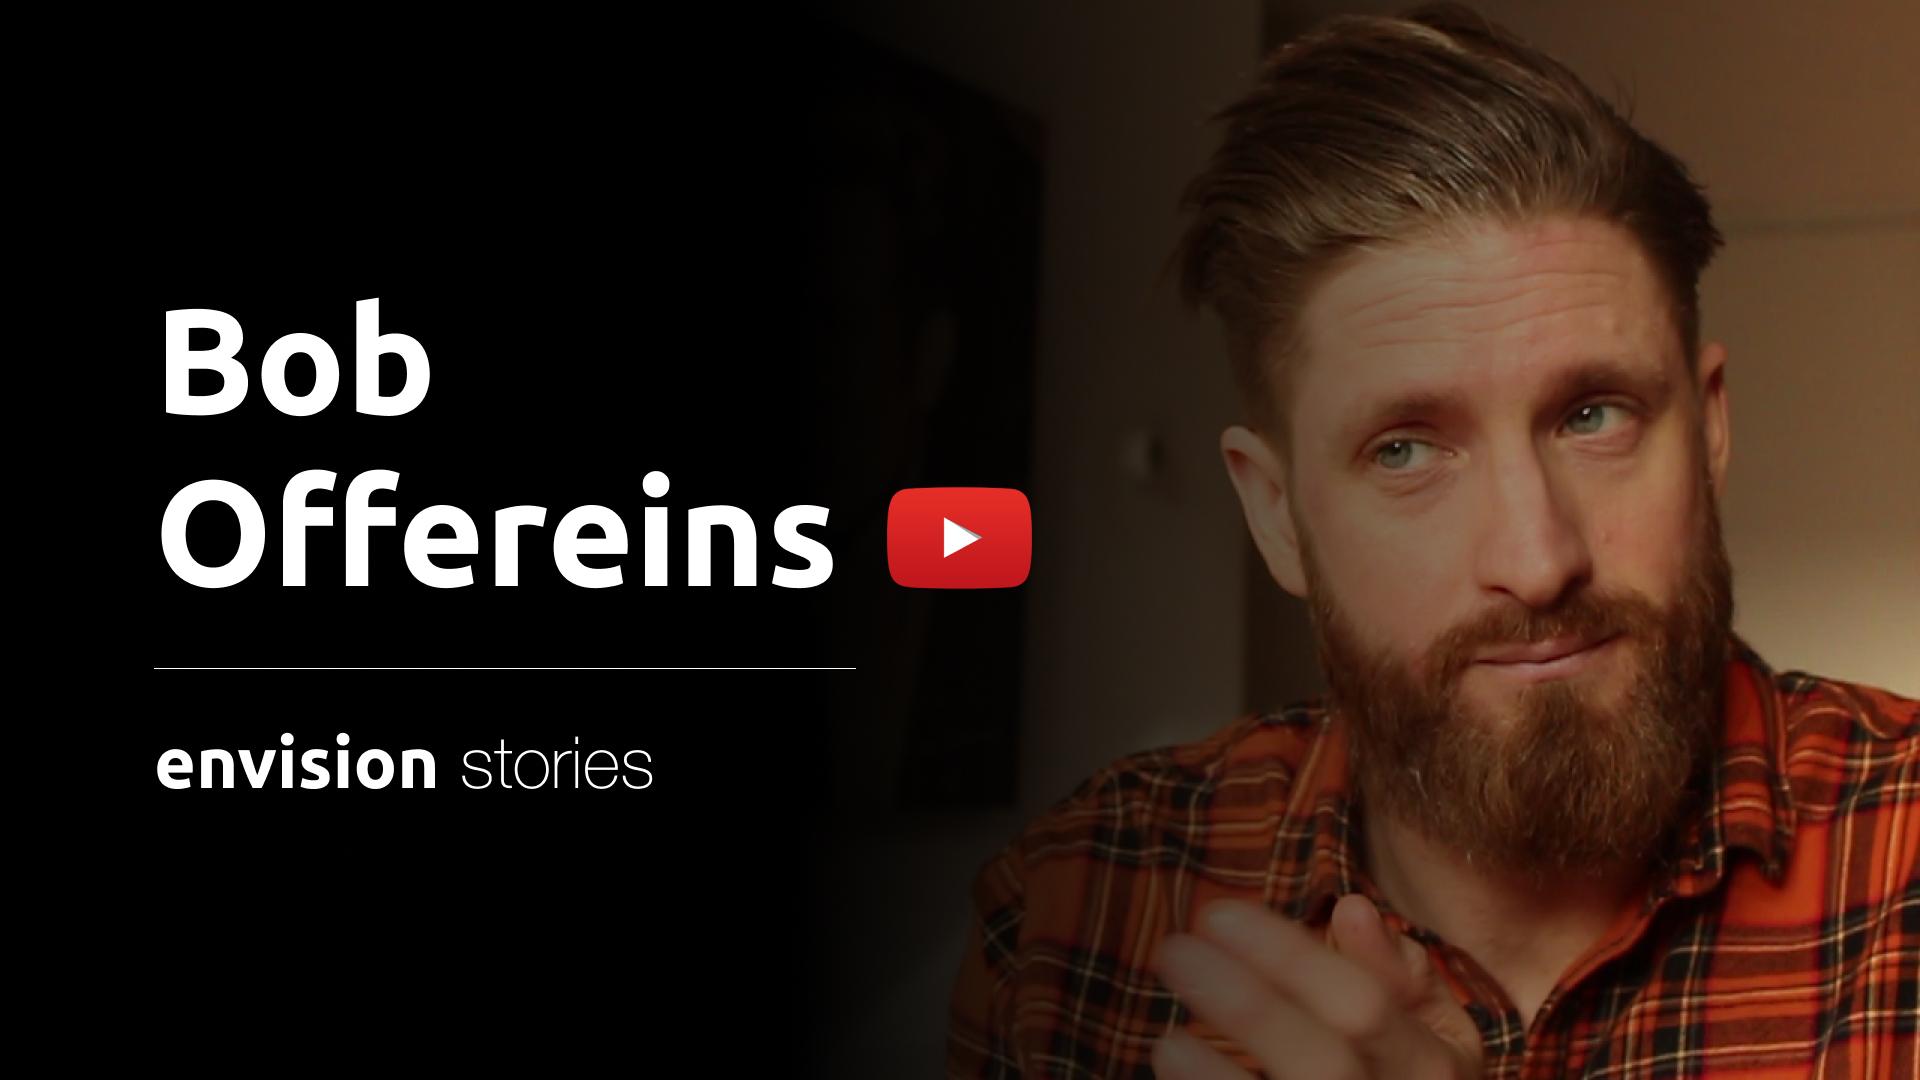 ボブ・オフェレインズ氏がエンビジョンでの経験を語るビデオ